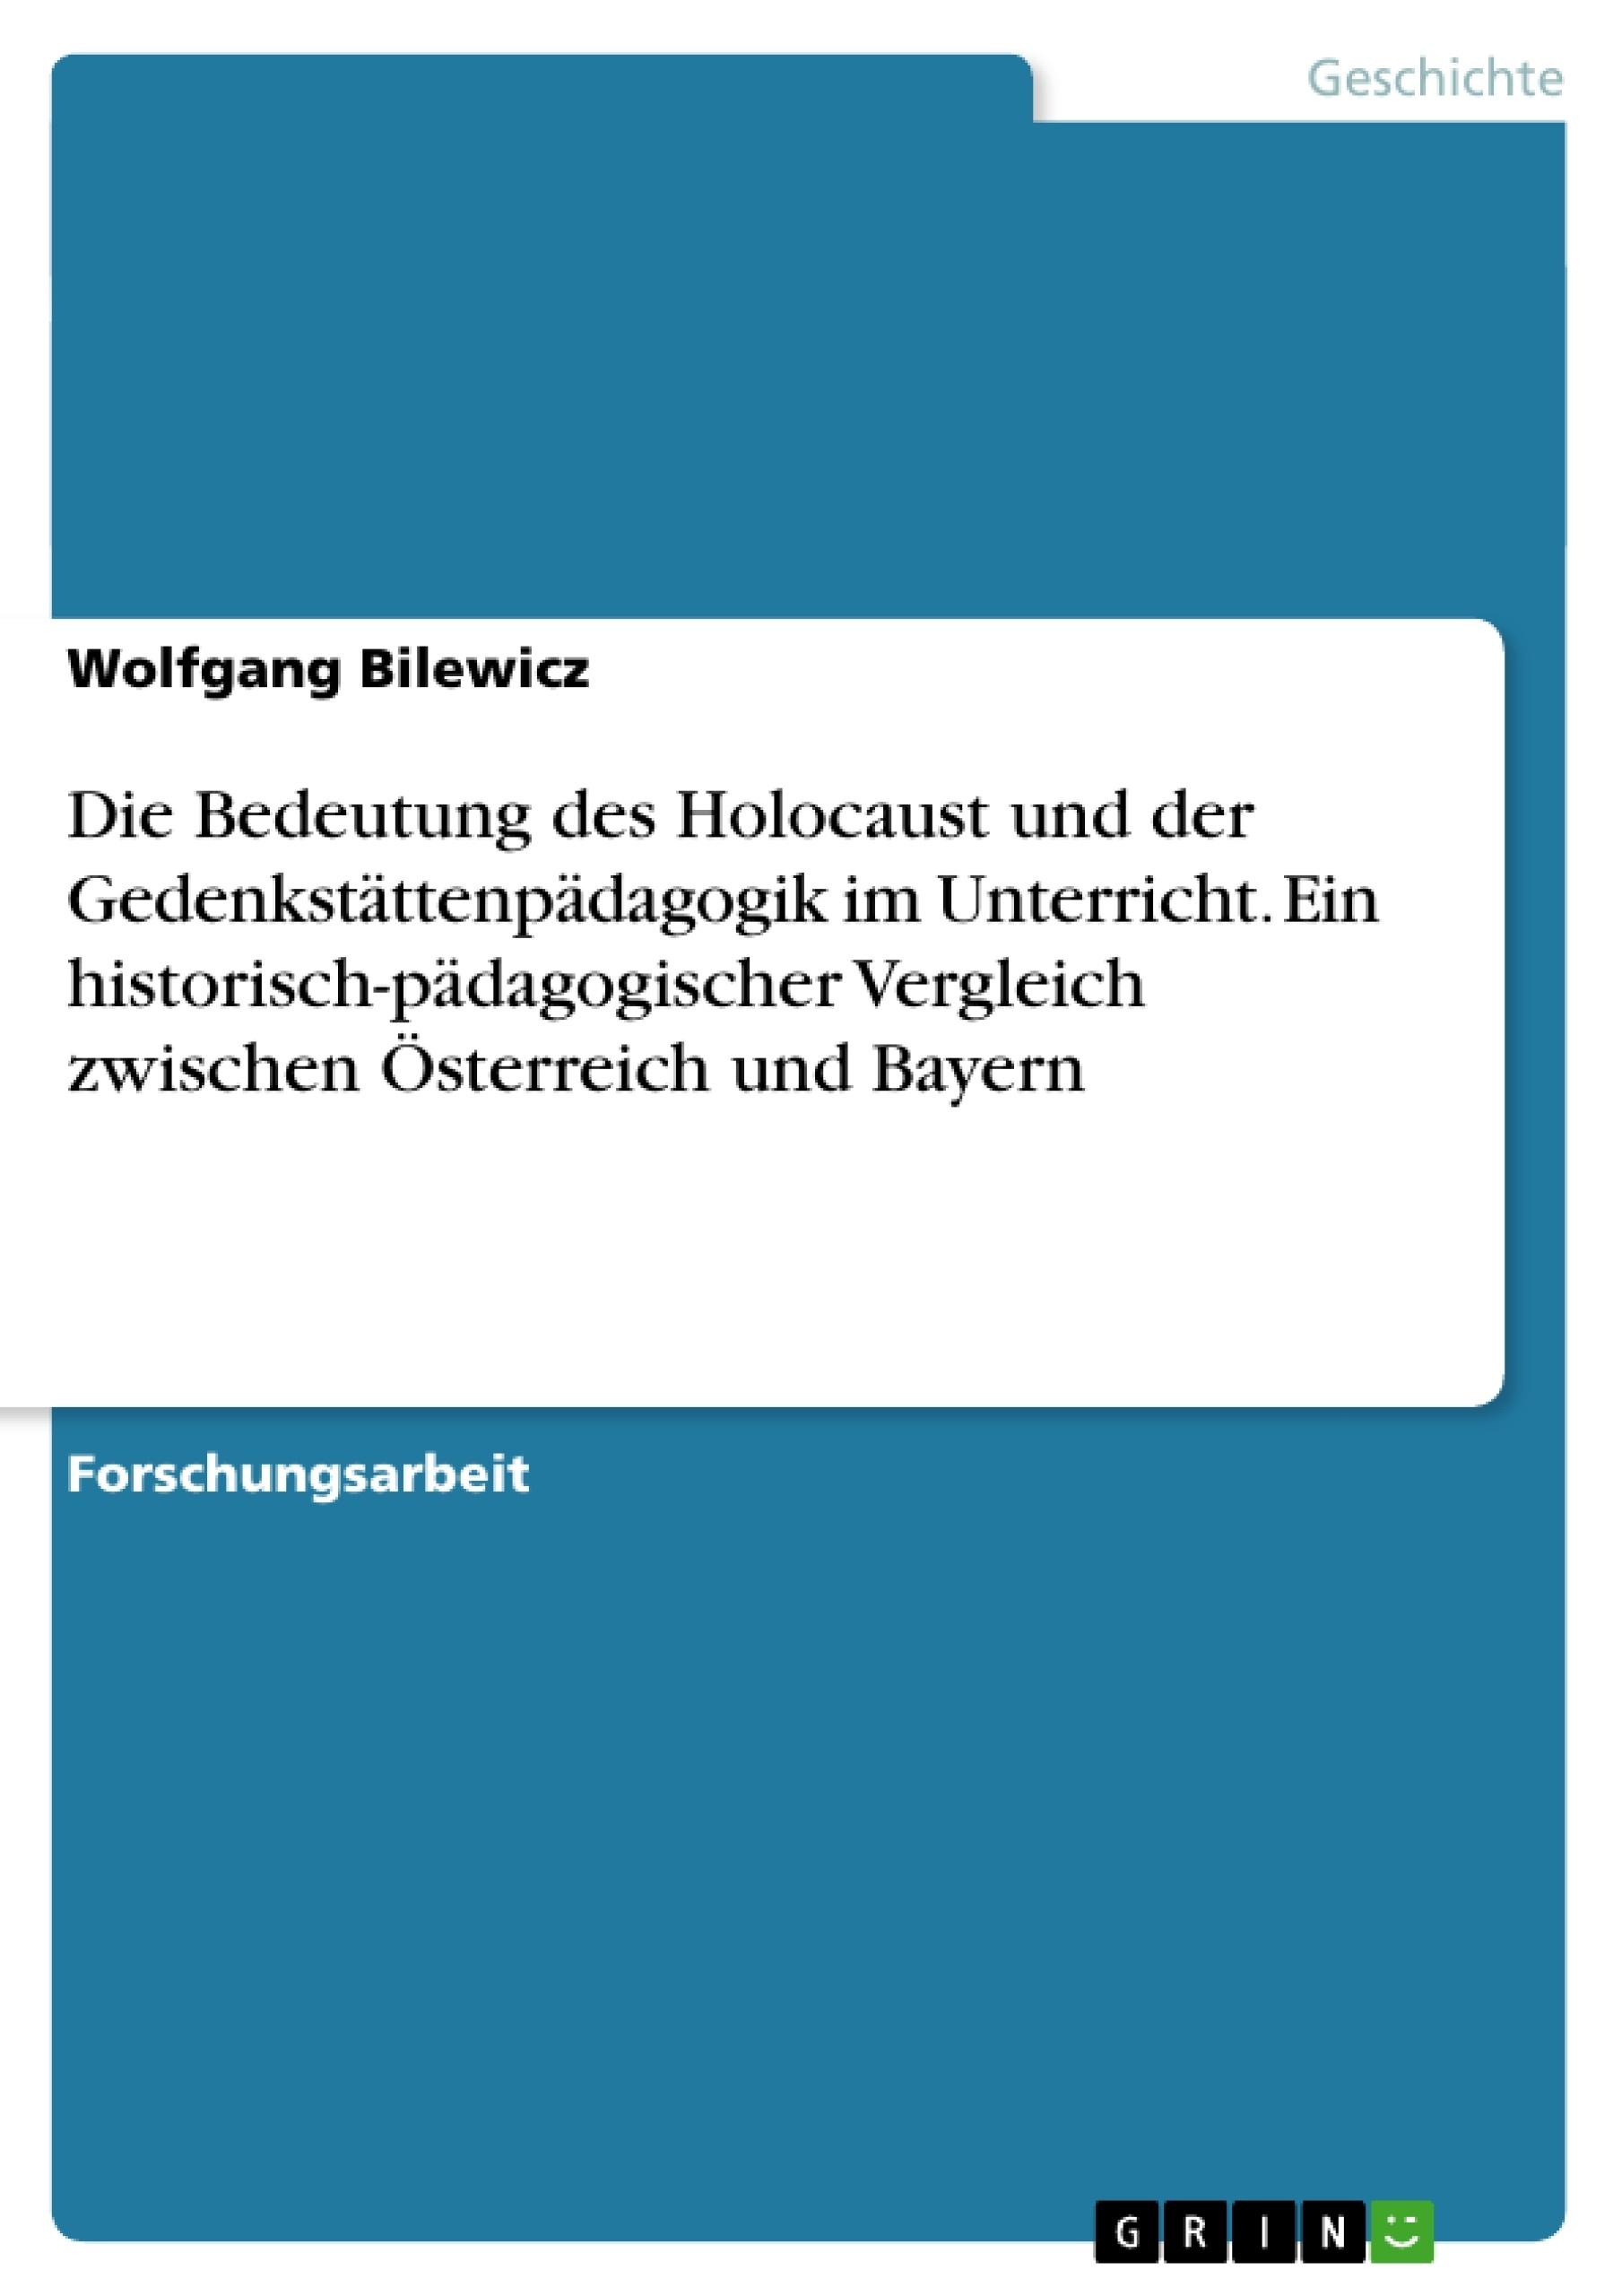 Titel: Die Bedeutung des Holocaust und der Gedenkstättenpädagogik im Unterricht. Ein historisch-pädagogischer Vergleich zwischen Österreich und Bayern